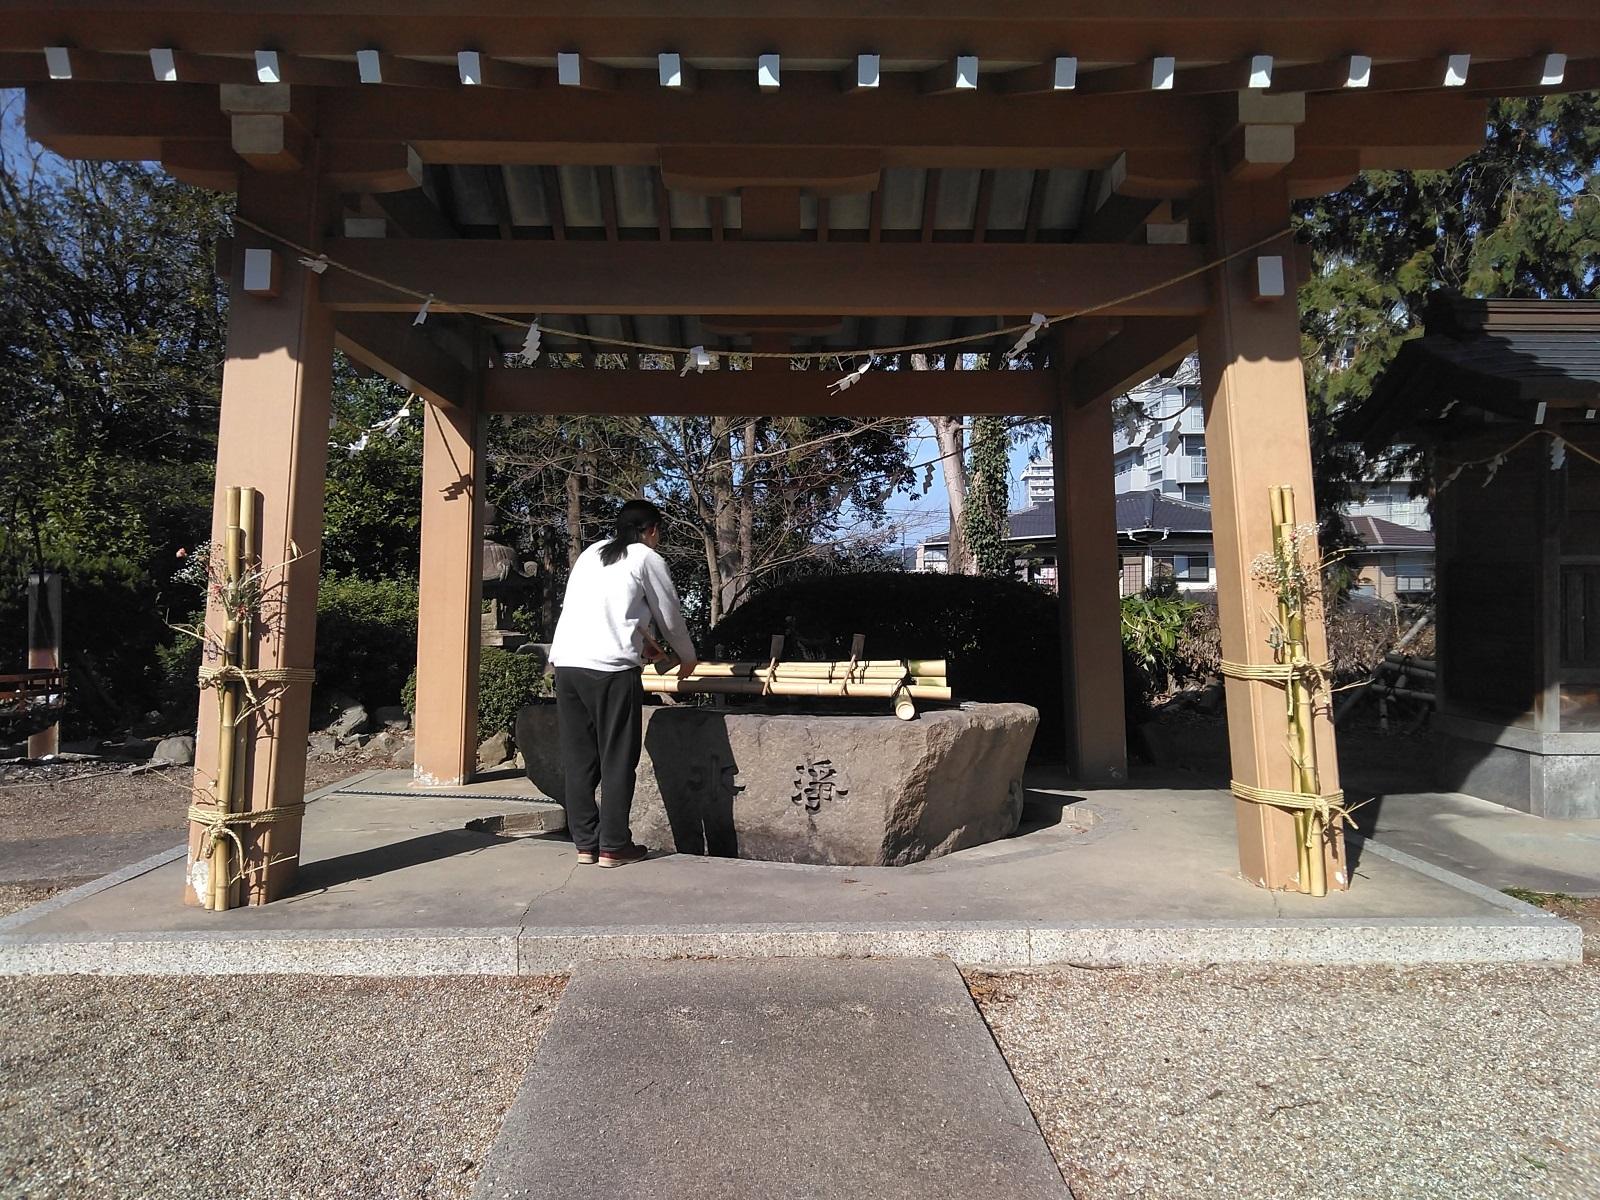 2020.3.7 (10001) 14:34 白鳥神社 - 手水舎 1600-1200